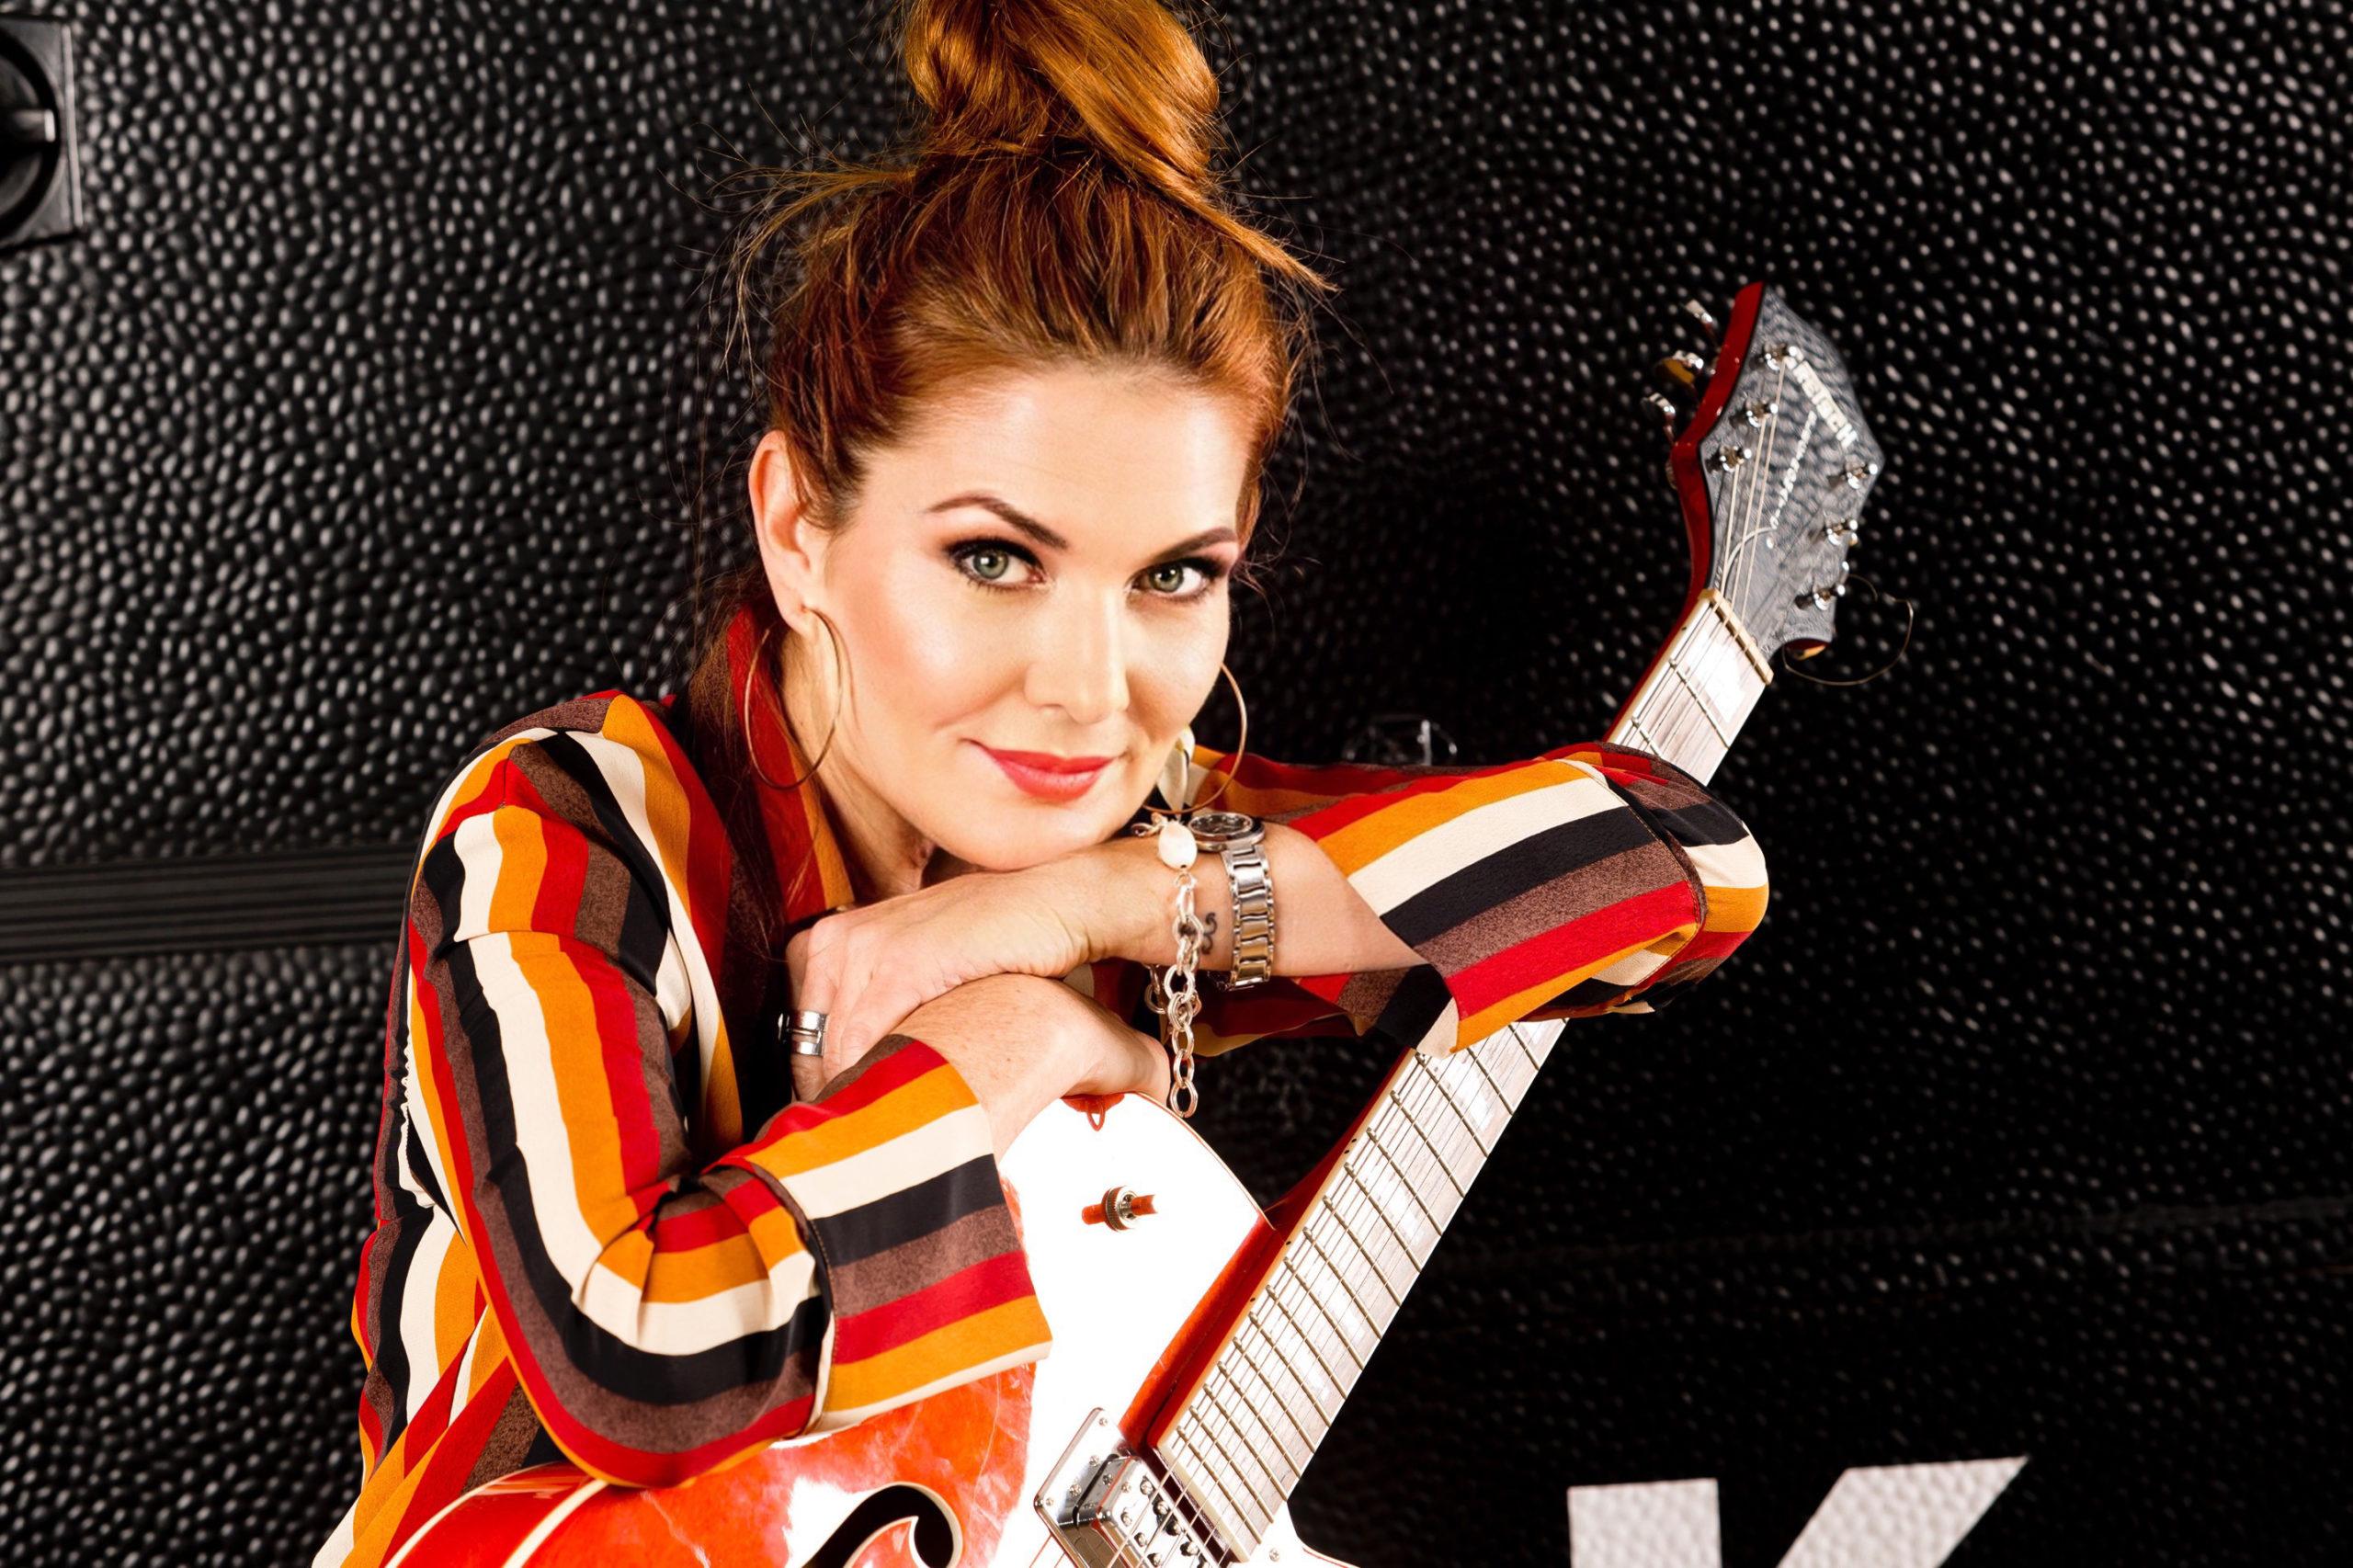 Chantal Dorn serviert mit 'Feuerfest' frische Pop-Chansons mit Tiefgang